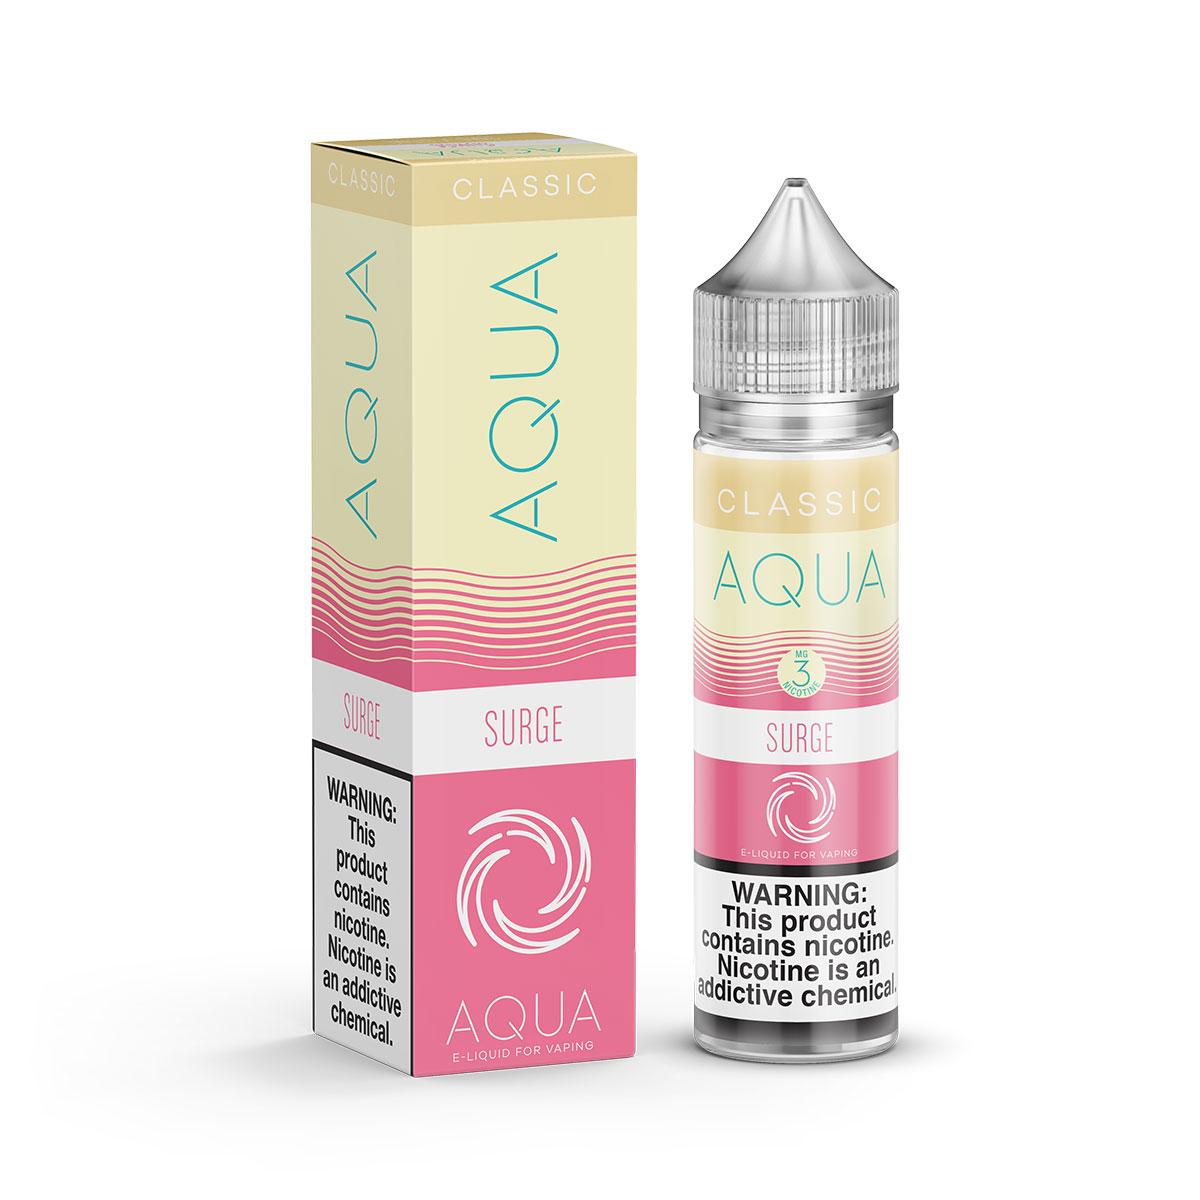 Aqua-Classic-60ml-Surge-3mg.jpg